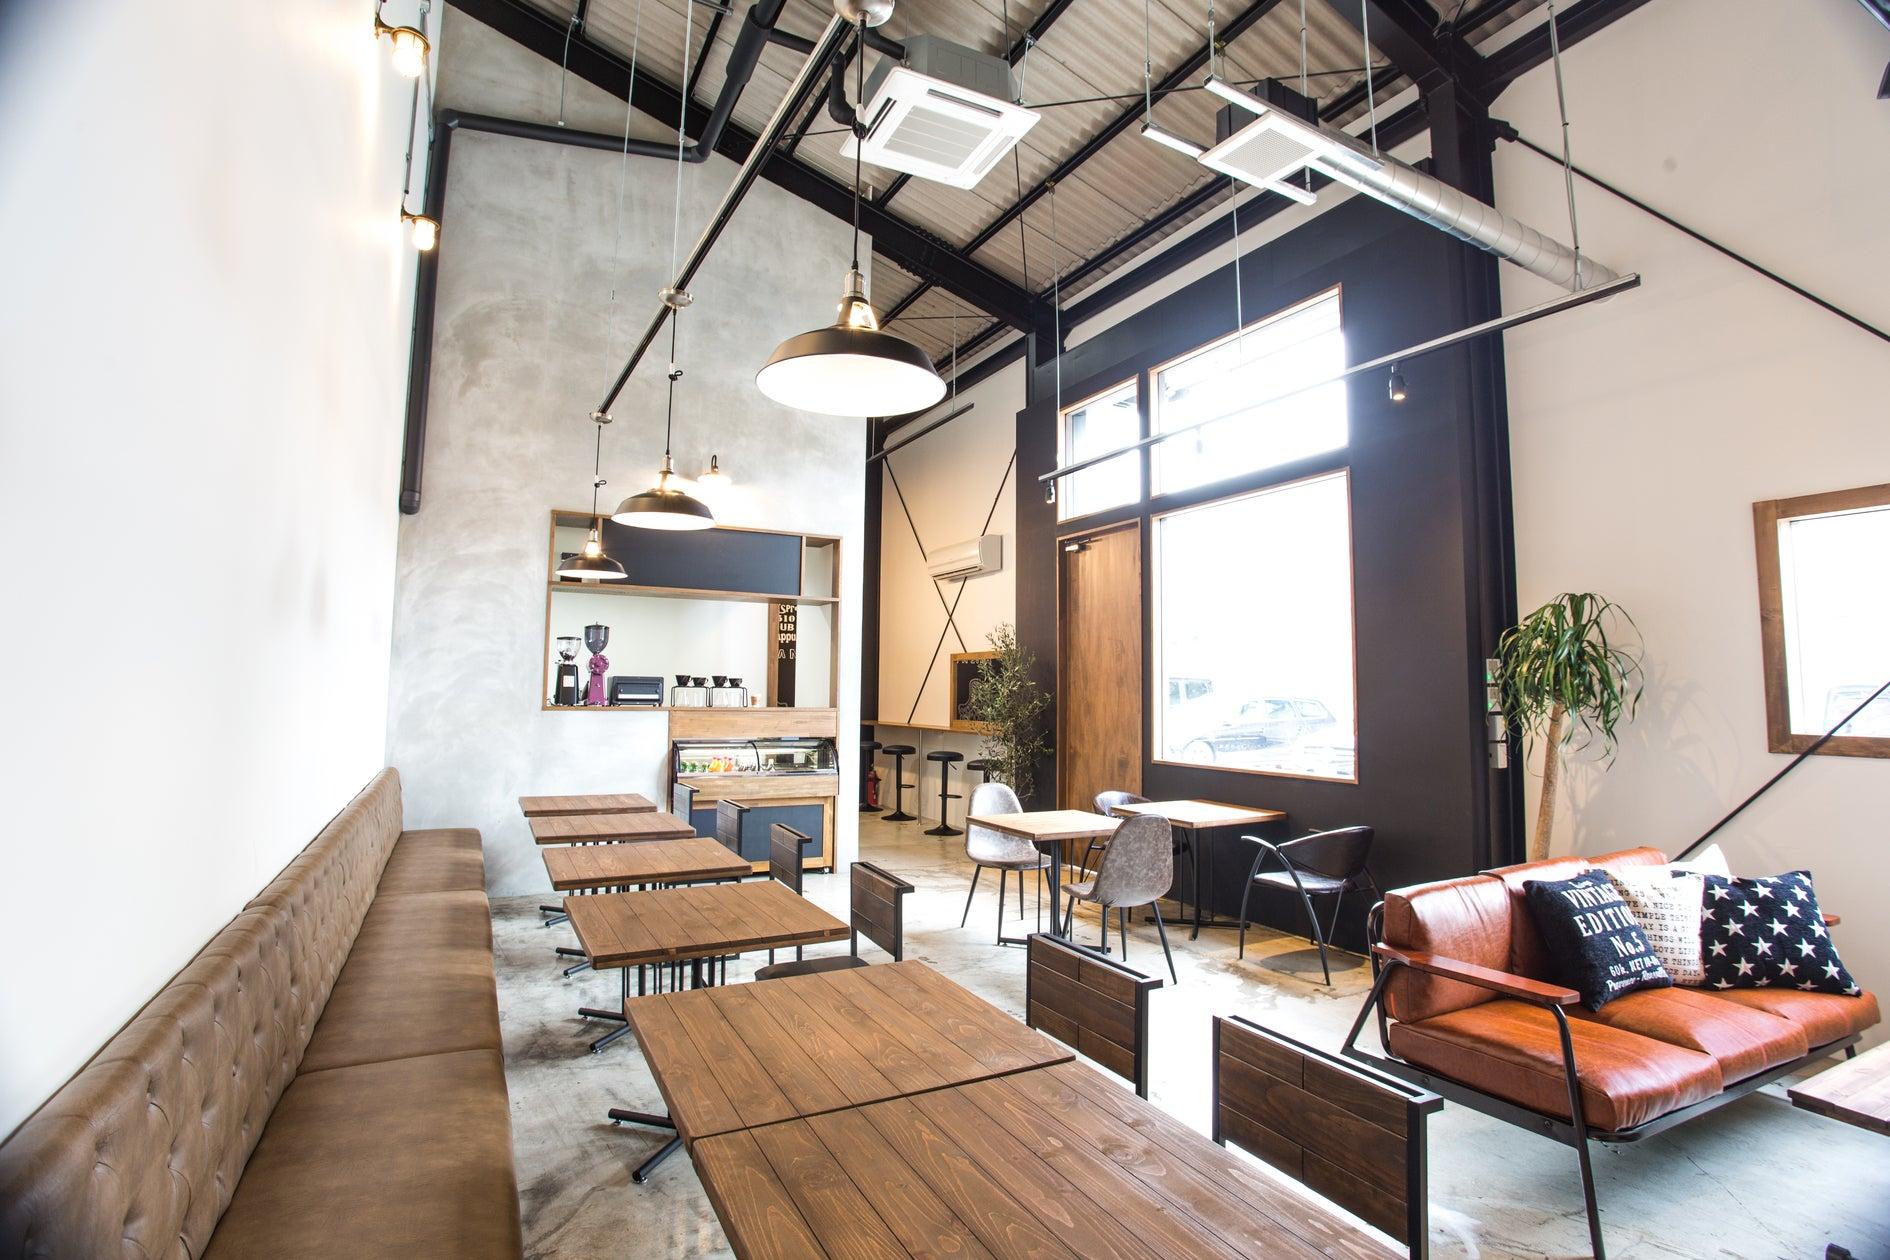 滋賀県、草津にあるレンタルスペース。パーティー、イベント、会議、打ち合わせ、撮影、展示会などにご利用いただけます(エリックス カフェ&レンタルスタジオ) の写真0